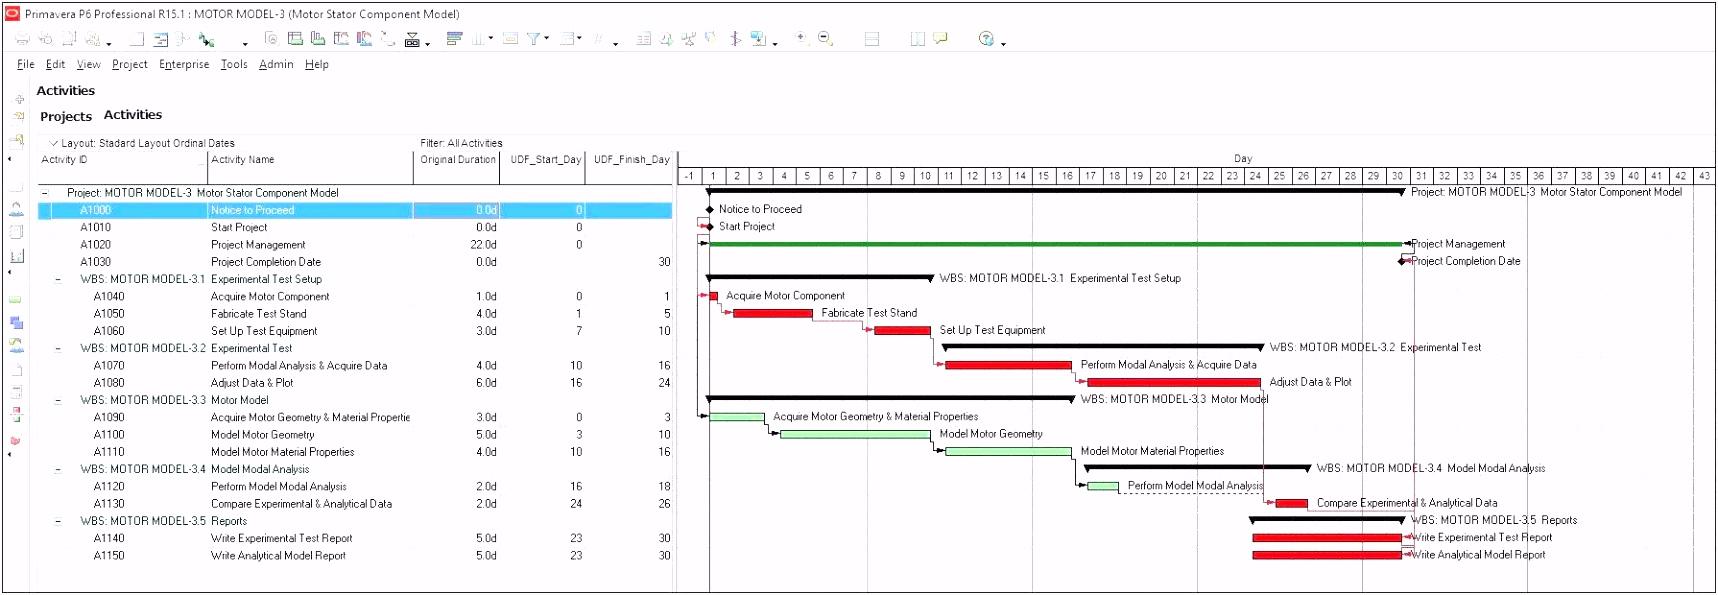 Angebot Und Rechnung software Kostenlos Basic 17 Fertig Excel